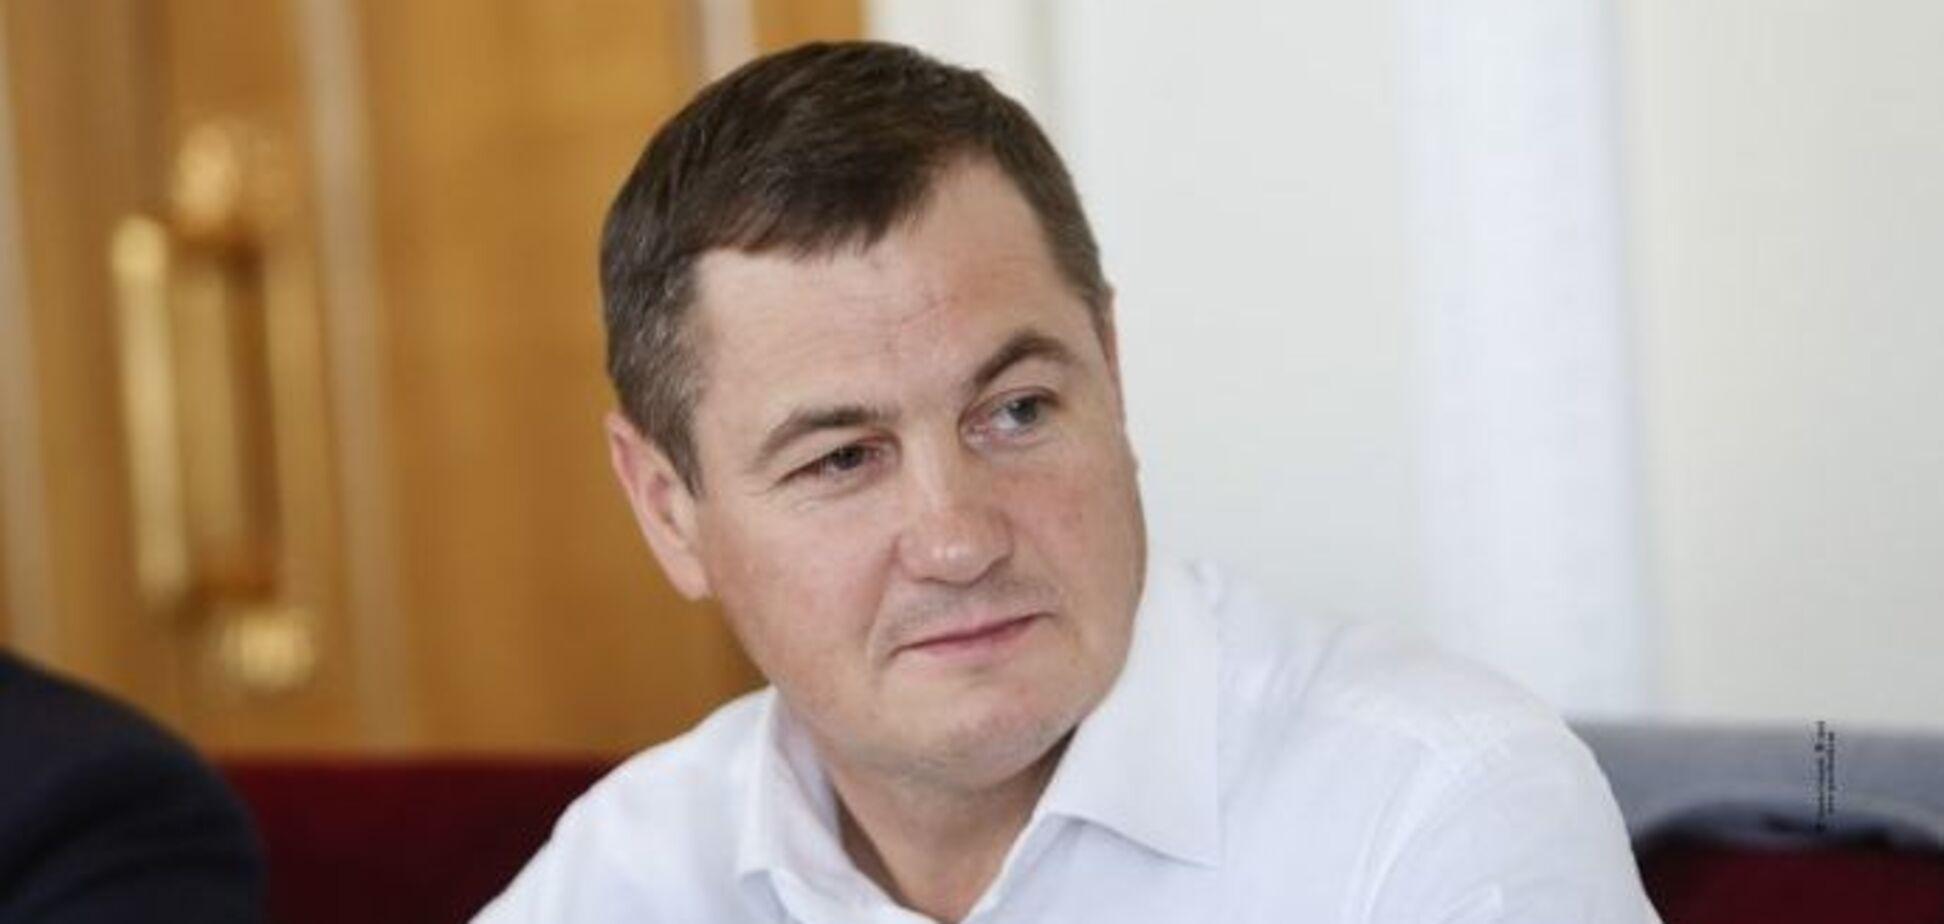 Евтушок: открытие рынка земли — это преступление против народа Украины